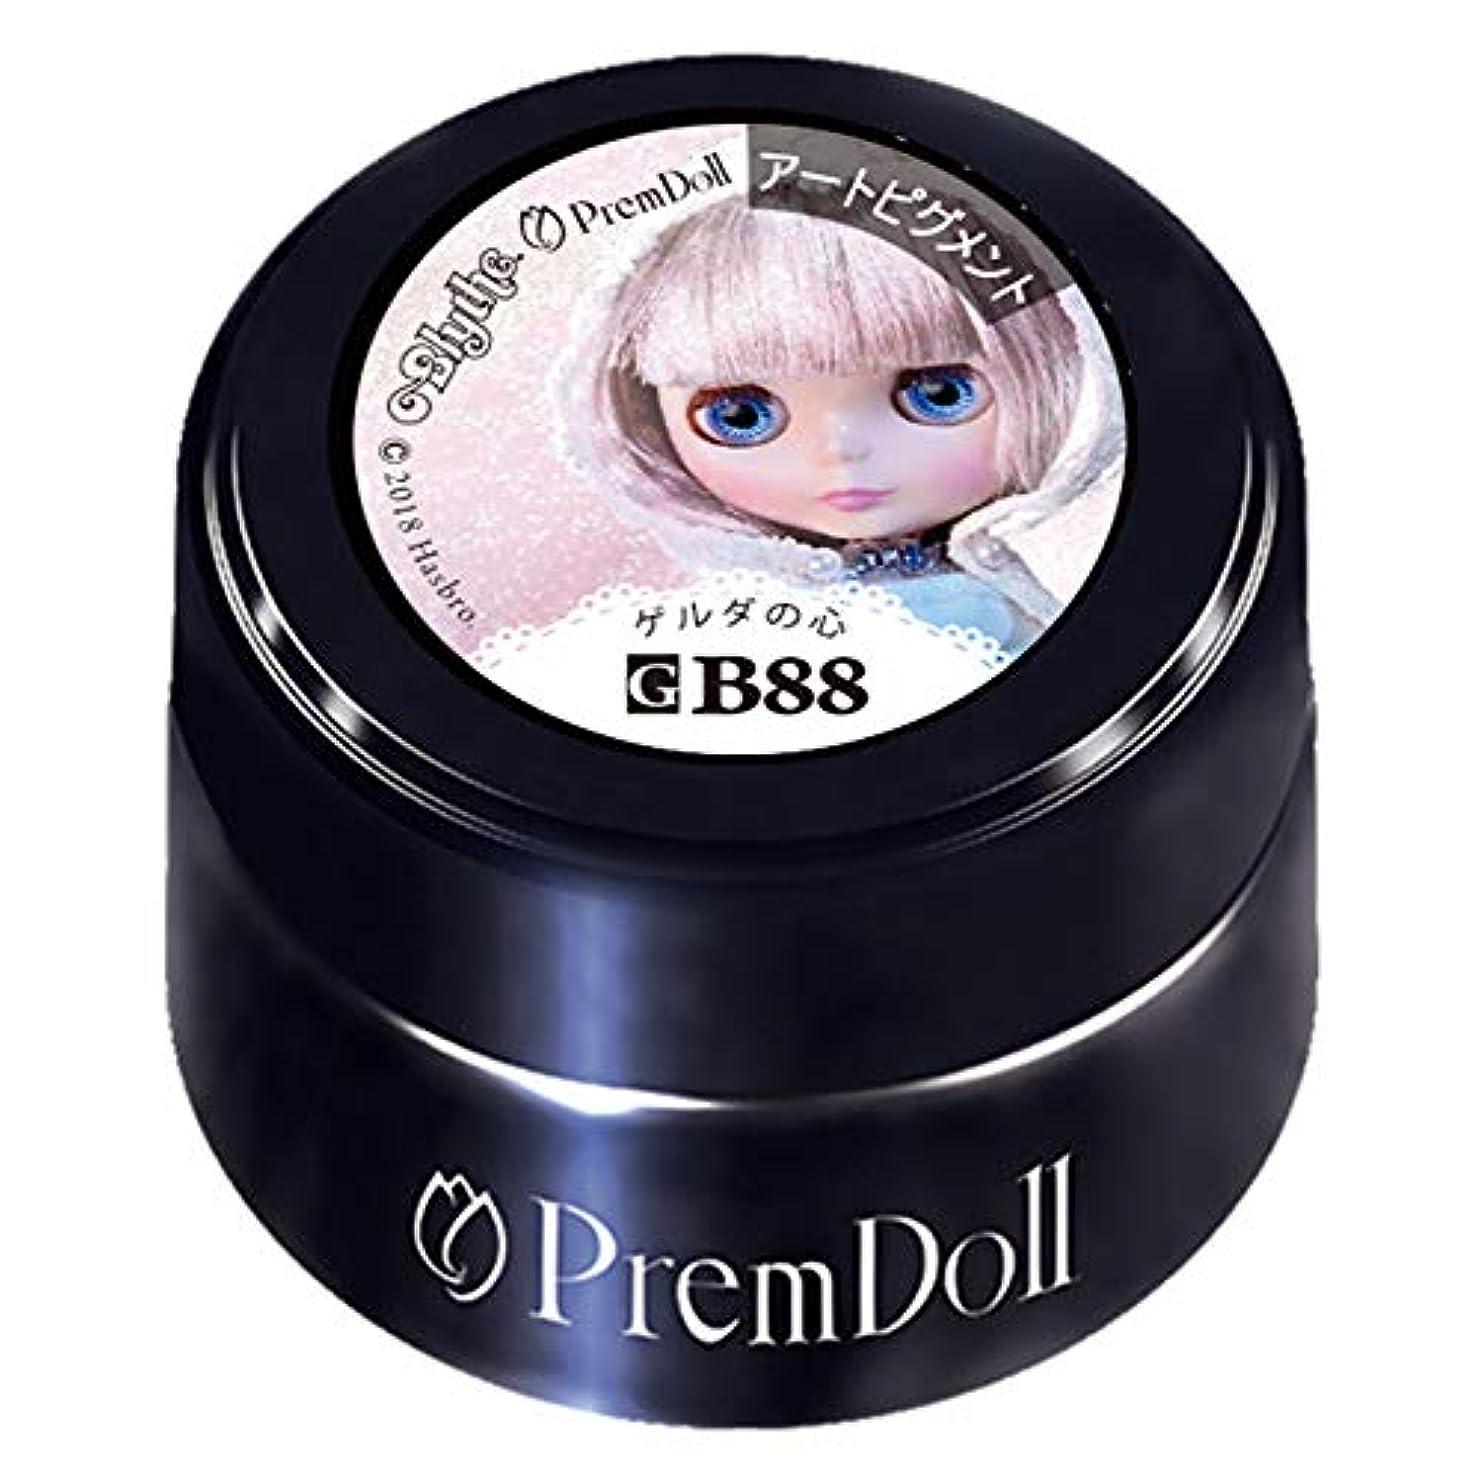 チーフ乳白色乳白色PRE GEL プリムドール ゲルダの心88 DOLL-B88 カラージェル 3g カラージェル UV/LED対応